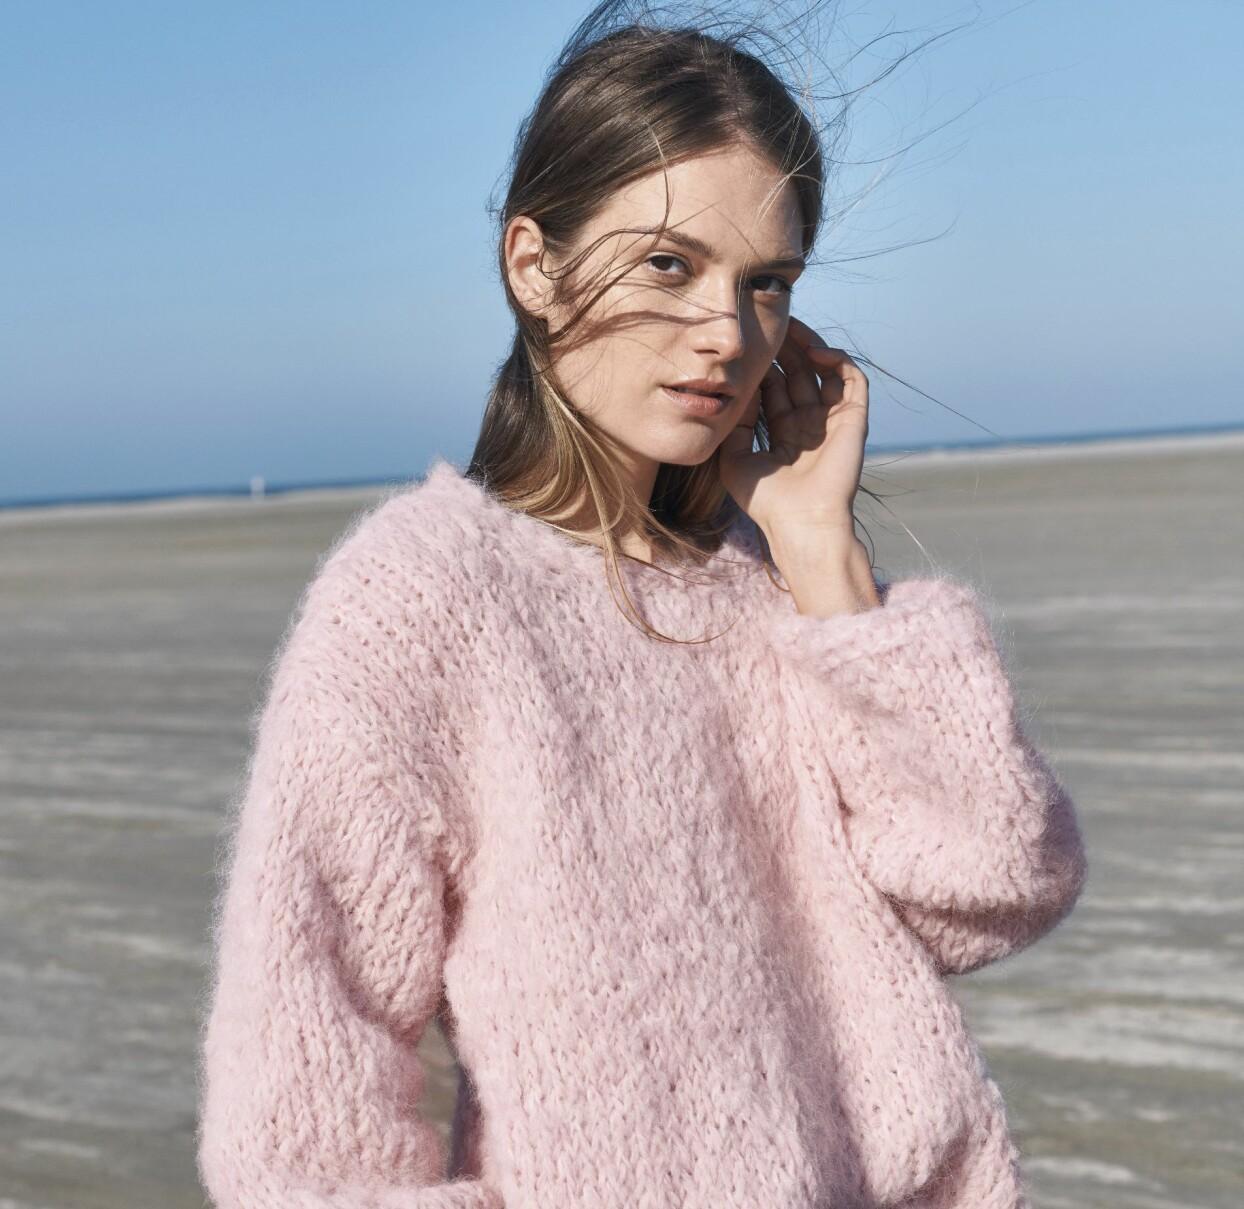 Kvinna i den fluffiga rosa tröjan på en blåsig strand.